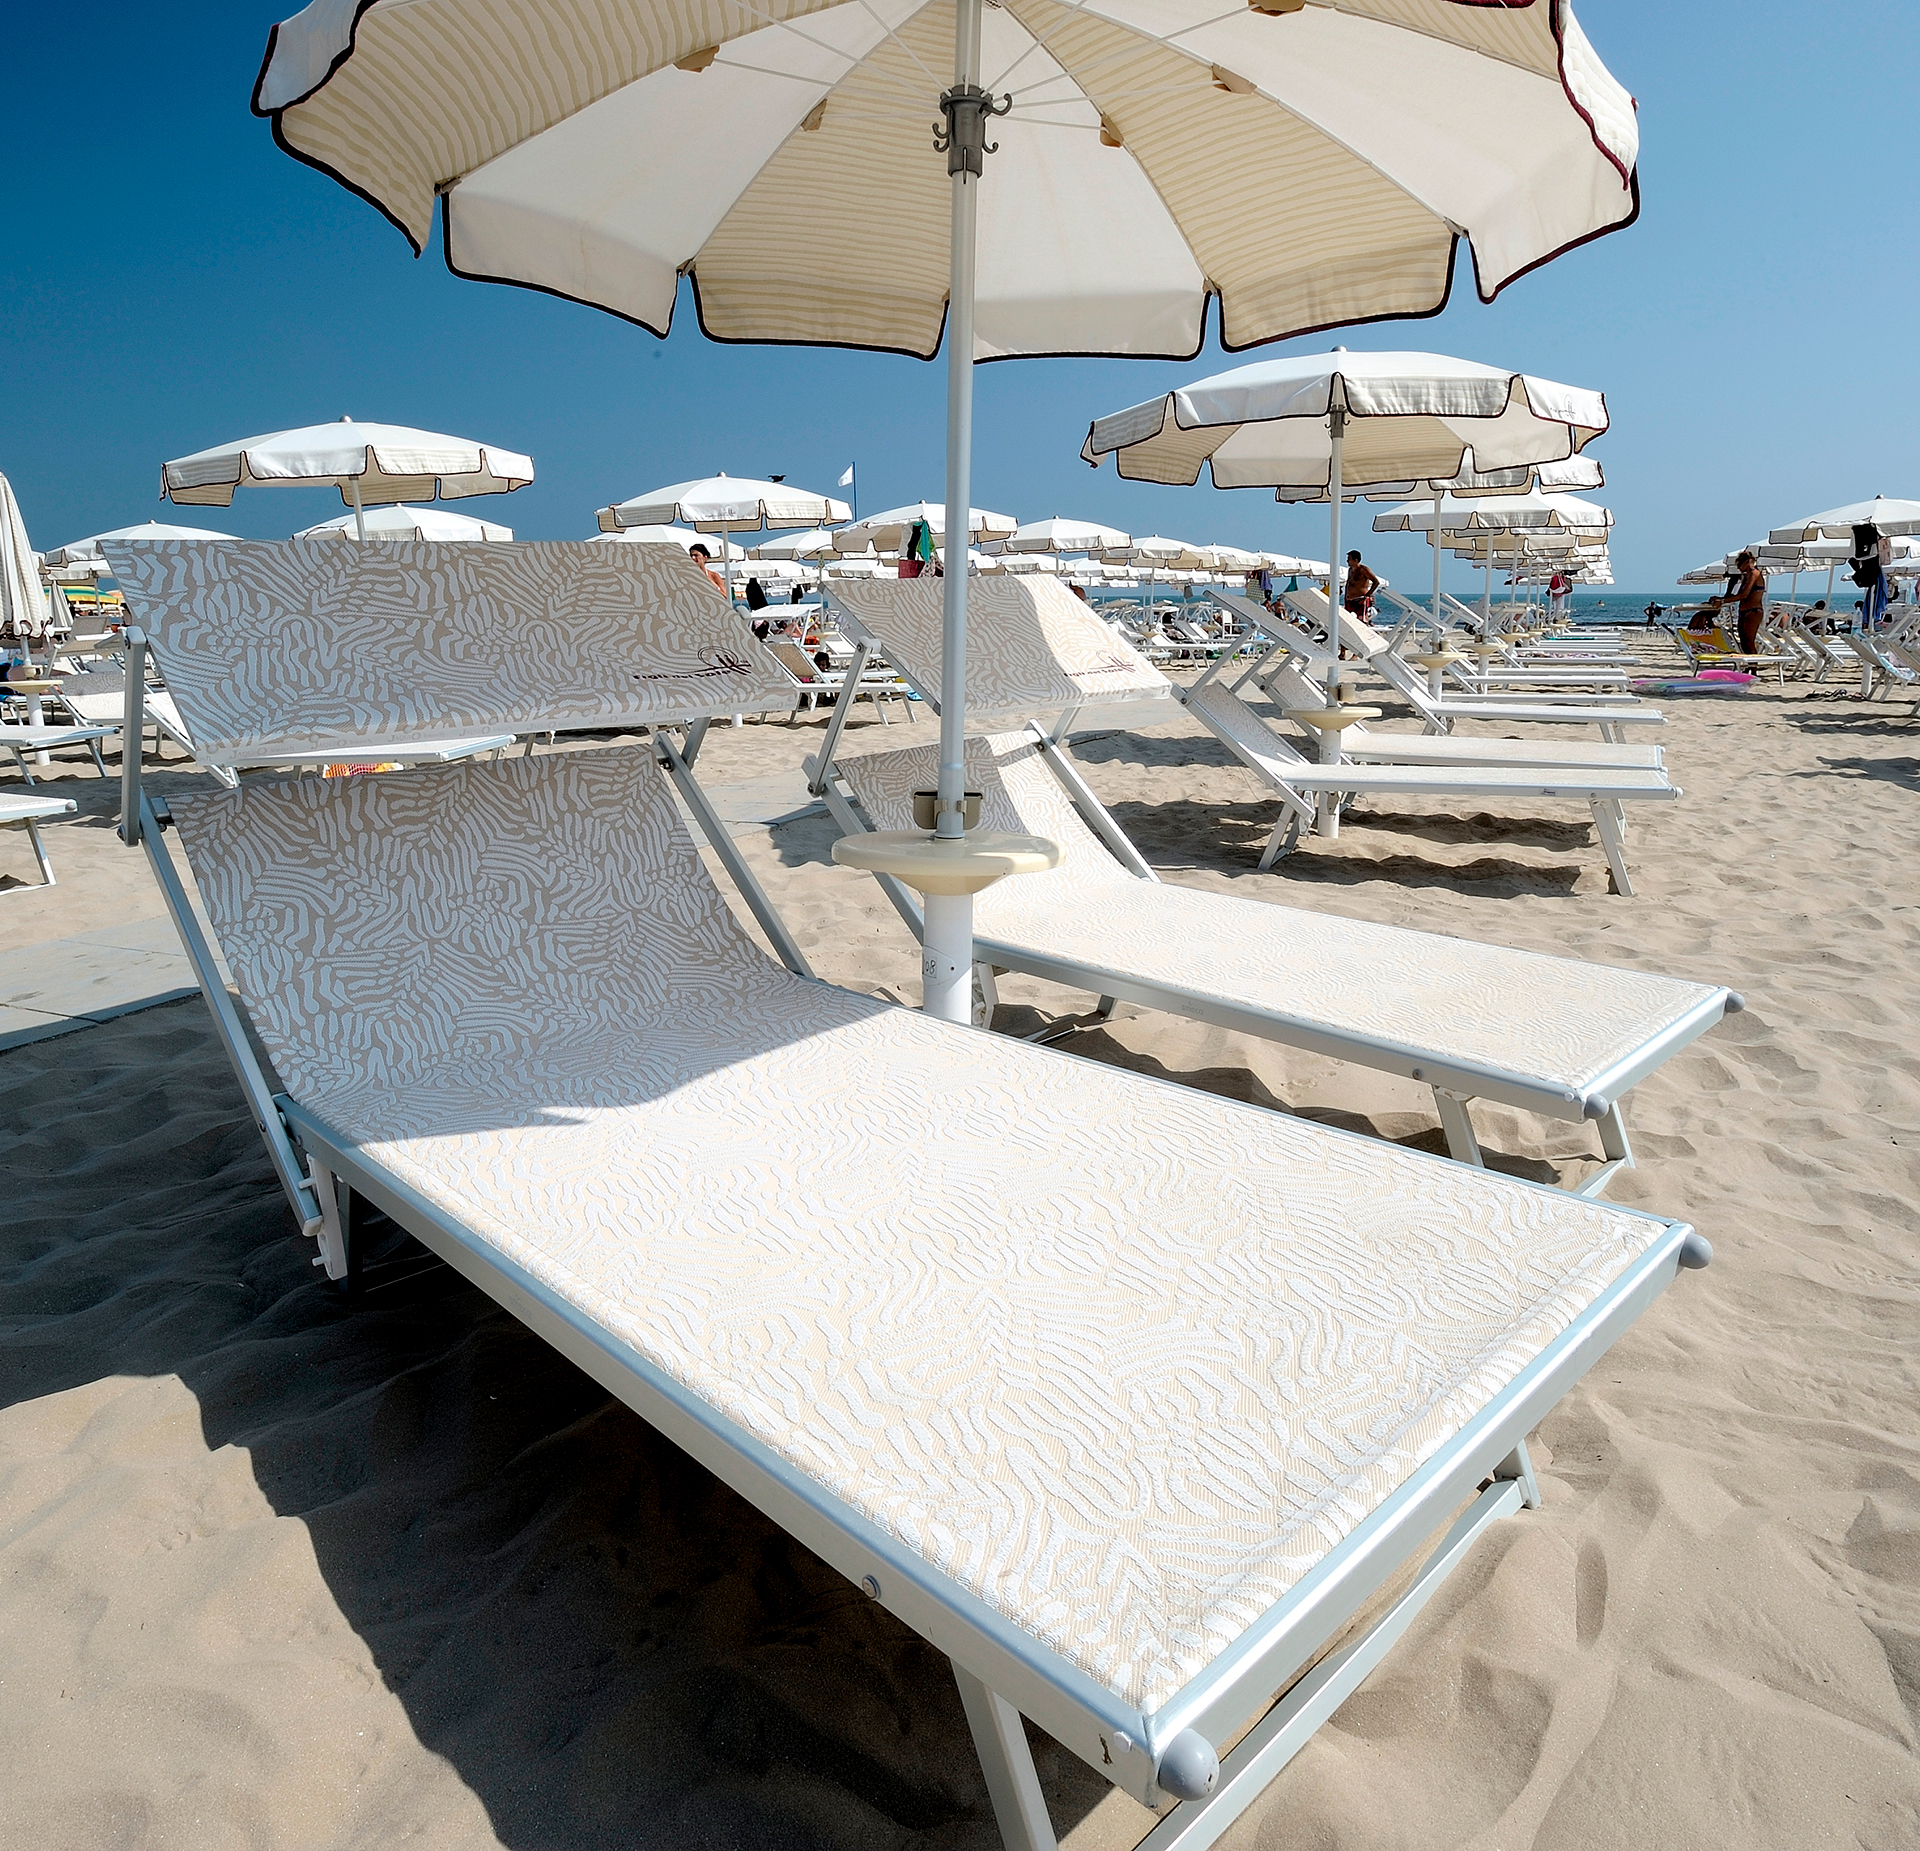 Sdraio Da Spiaggia Prezzi.Vip Lettino Da Spiaggia Miglior Prezzo Lidi Balneari